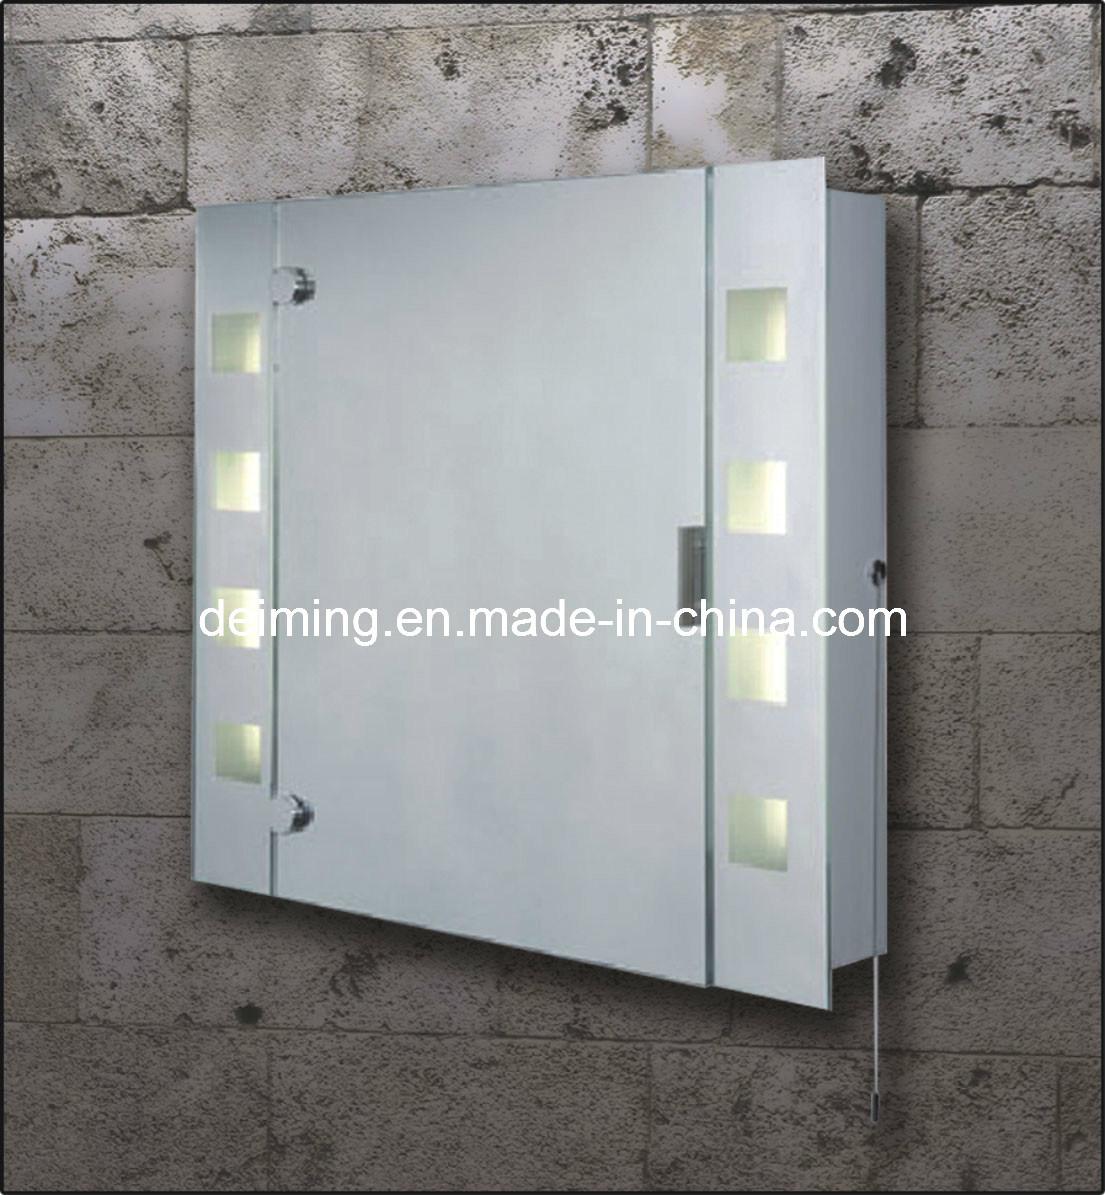 espelho do banheiro com luz/armário iluminado do espelho do banheiro #606E5D 1105x1195 Armario Banheiro Com Led